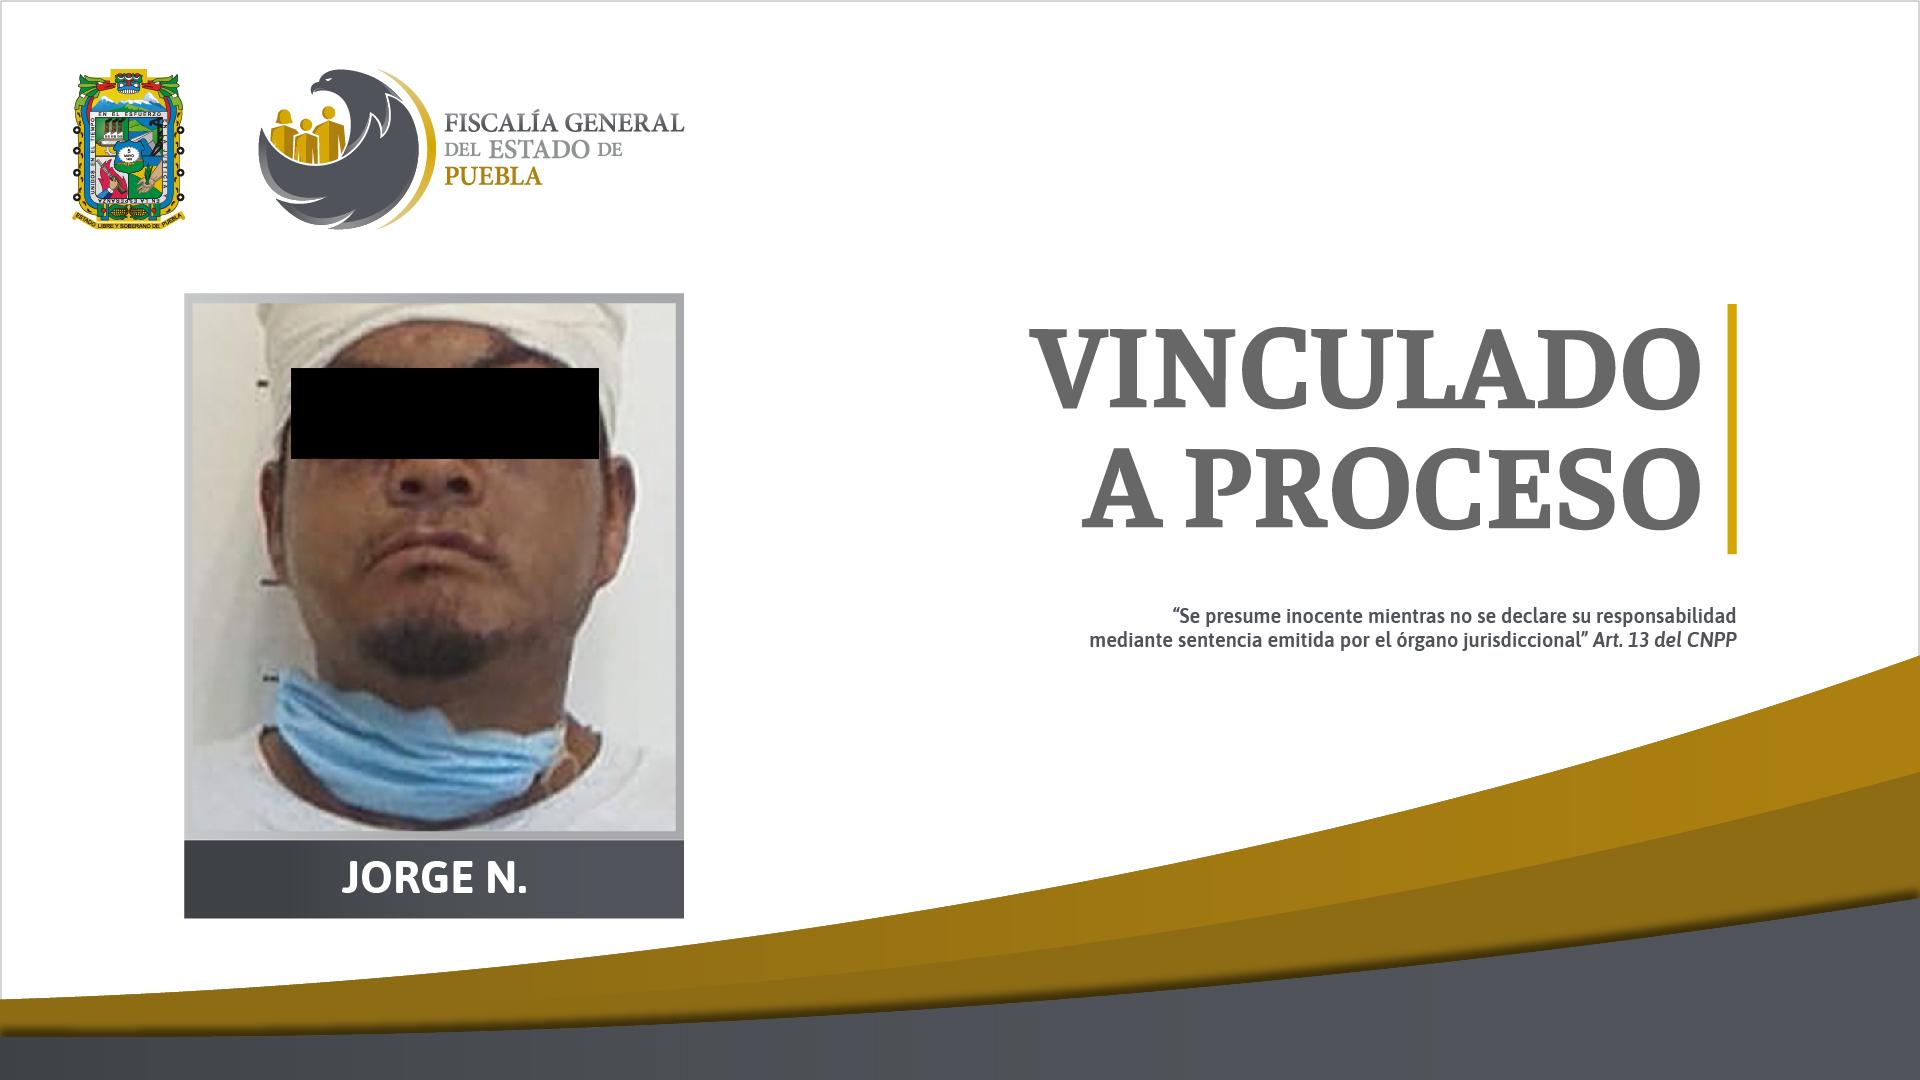 Jorge amenazó con machete a una mujer, le robó y la violó en Atlixco